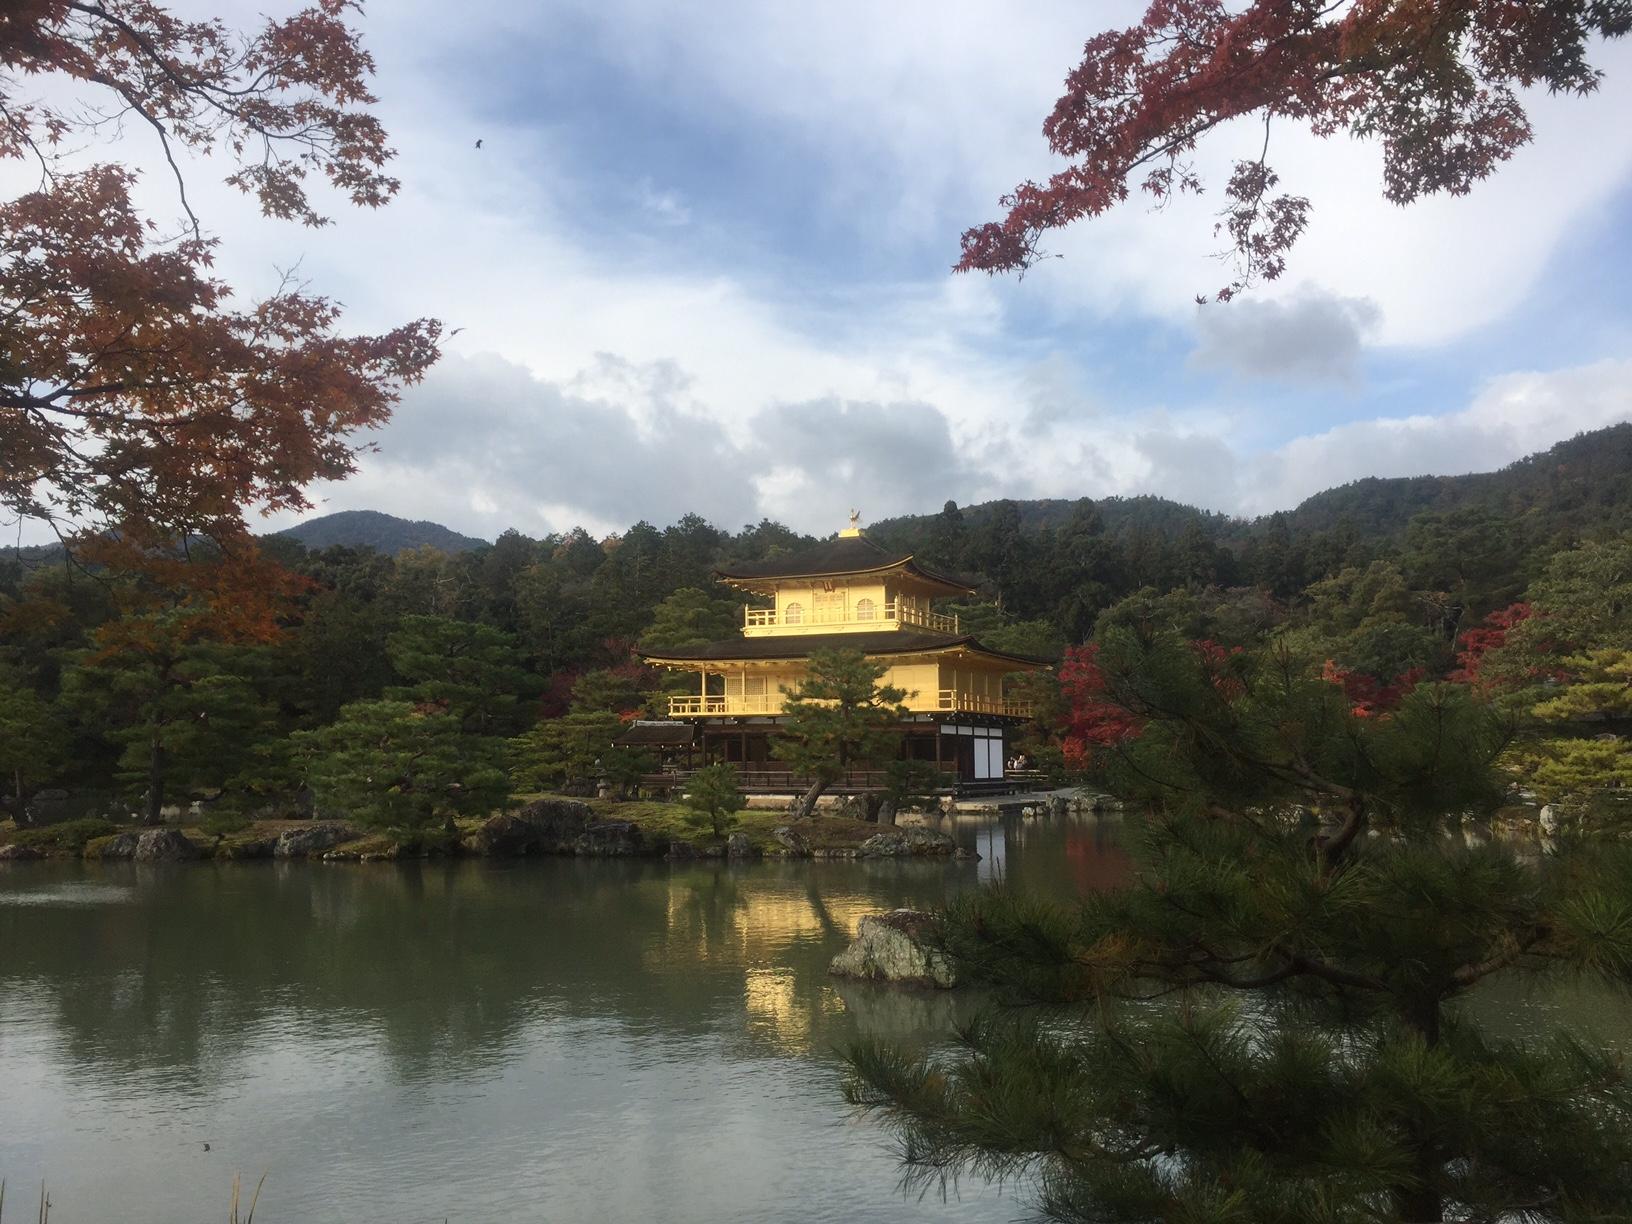 【近畿・関西旅行】秋の京都で紅葉を味わう!金閣寺と仁和寺の紅葉スポットは見事!